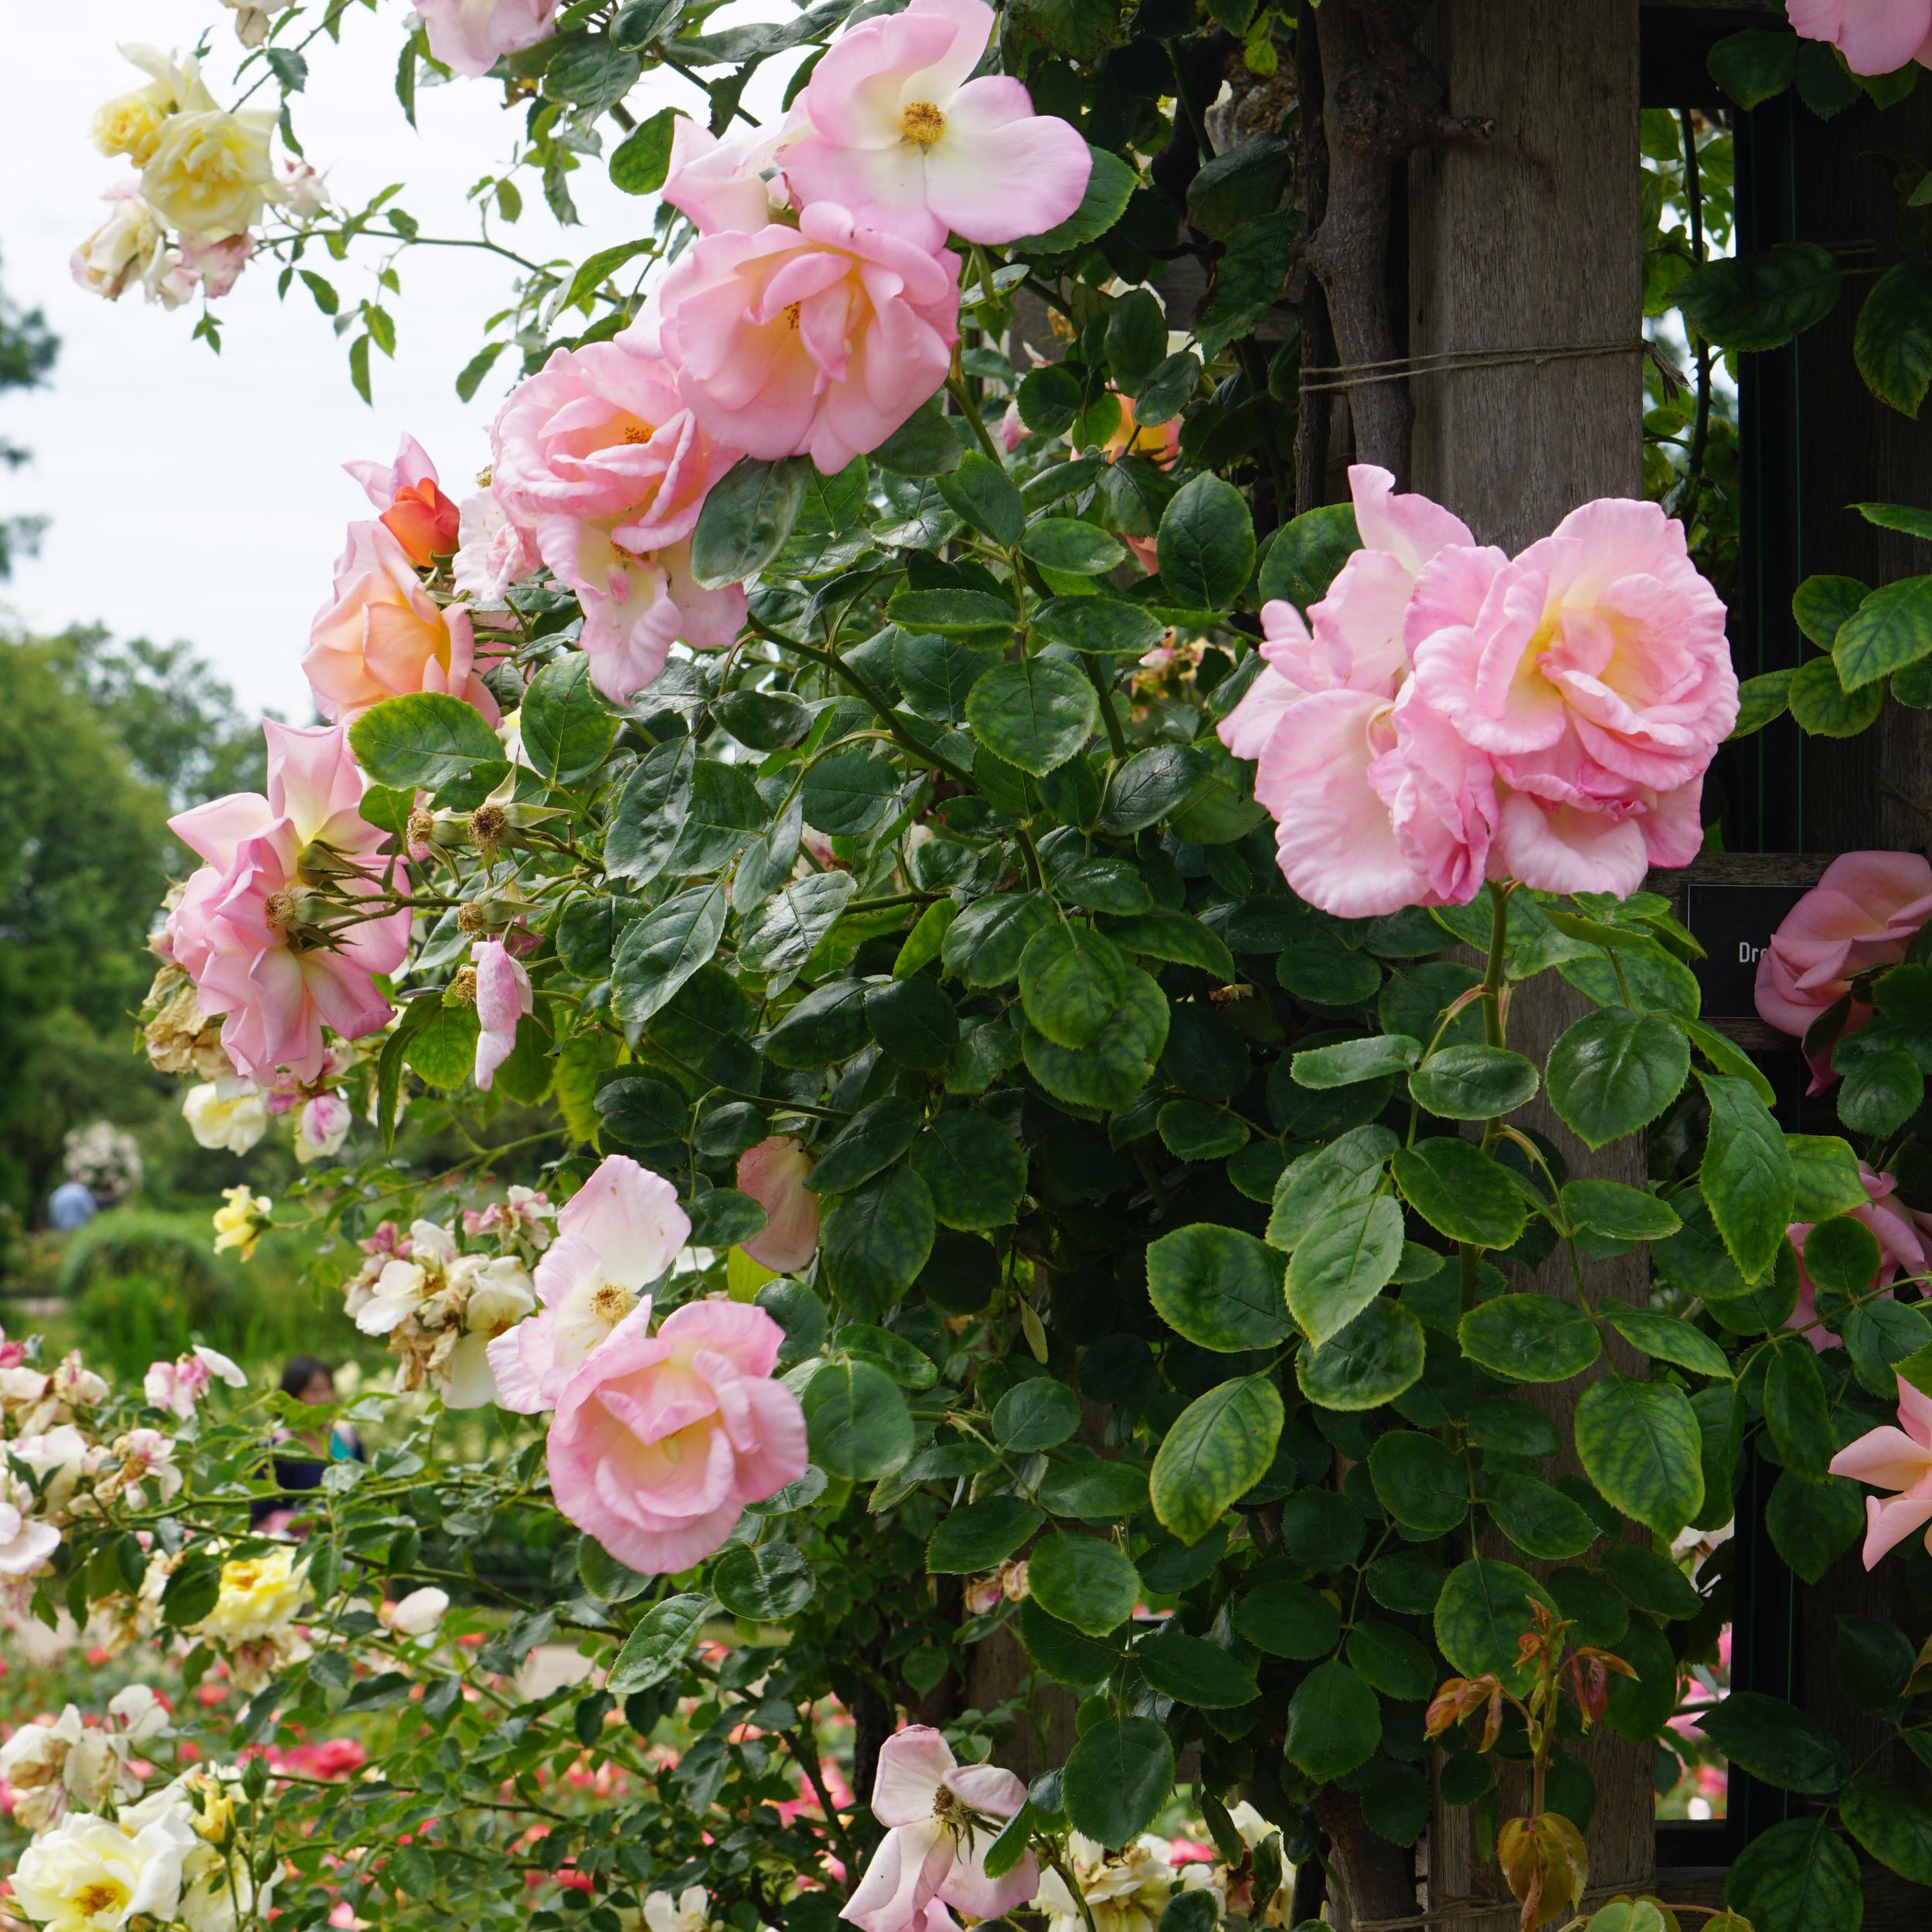 Incredible rose garden in Regent Park